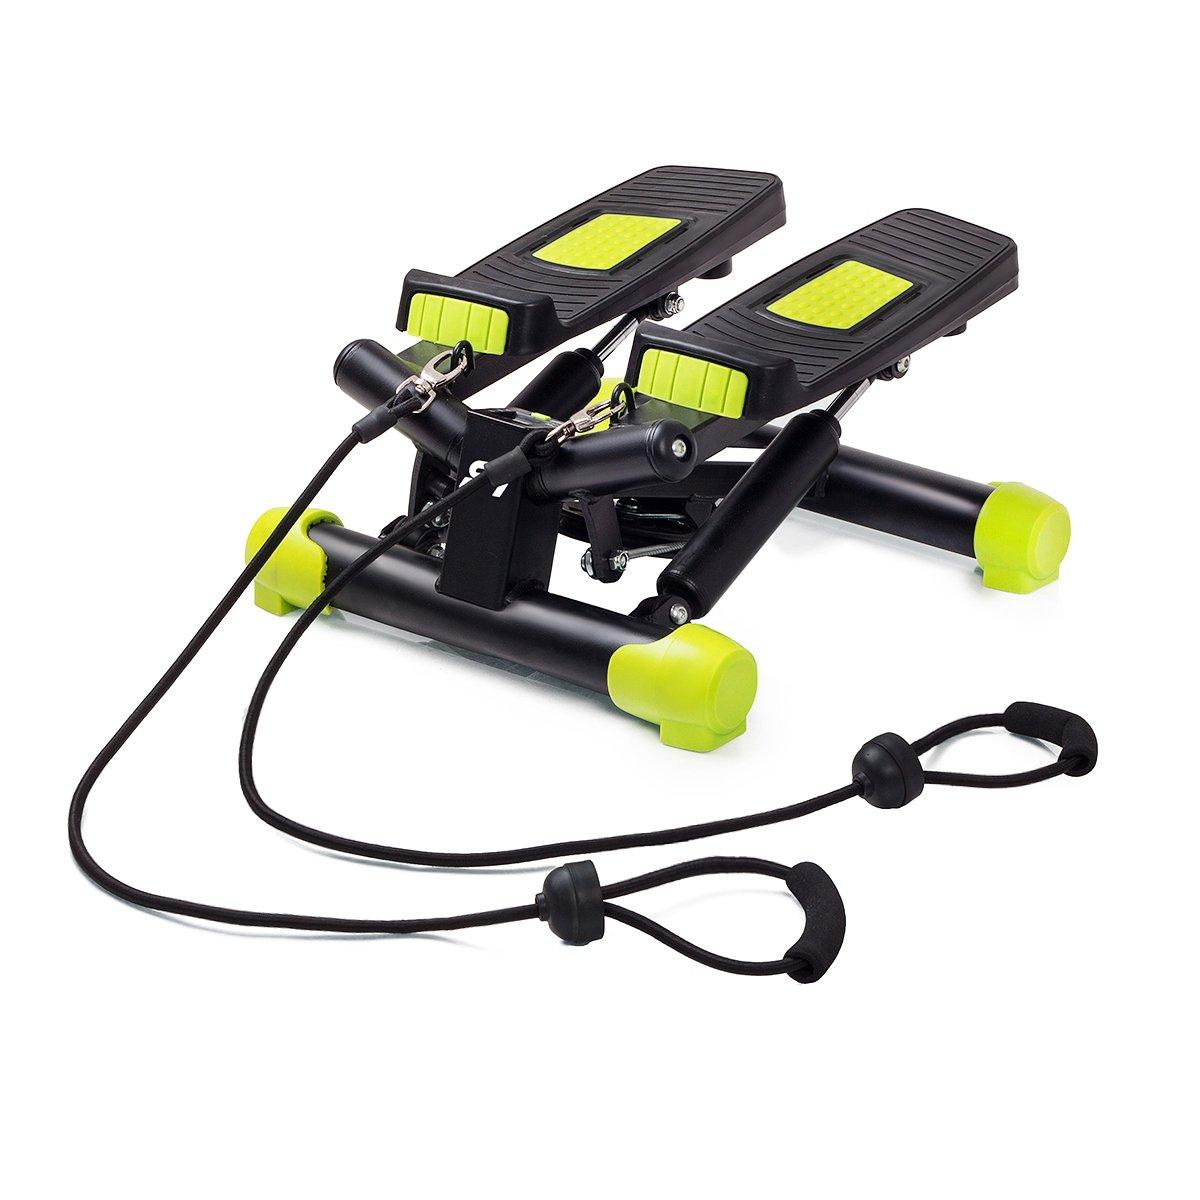 FitKraft Swing Stepper con Ordenador y Cuerdas Negro de Color Verde FTKTSTEPSWI000